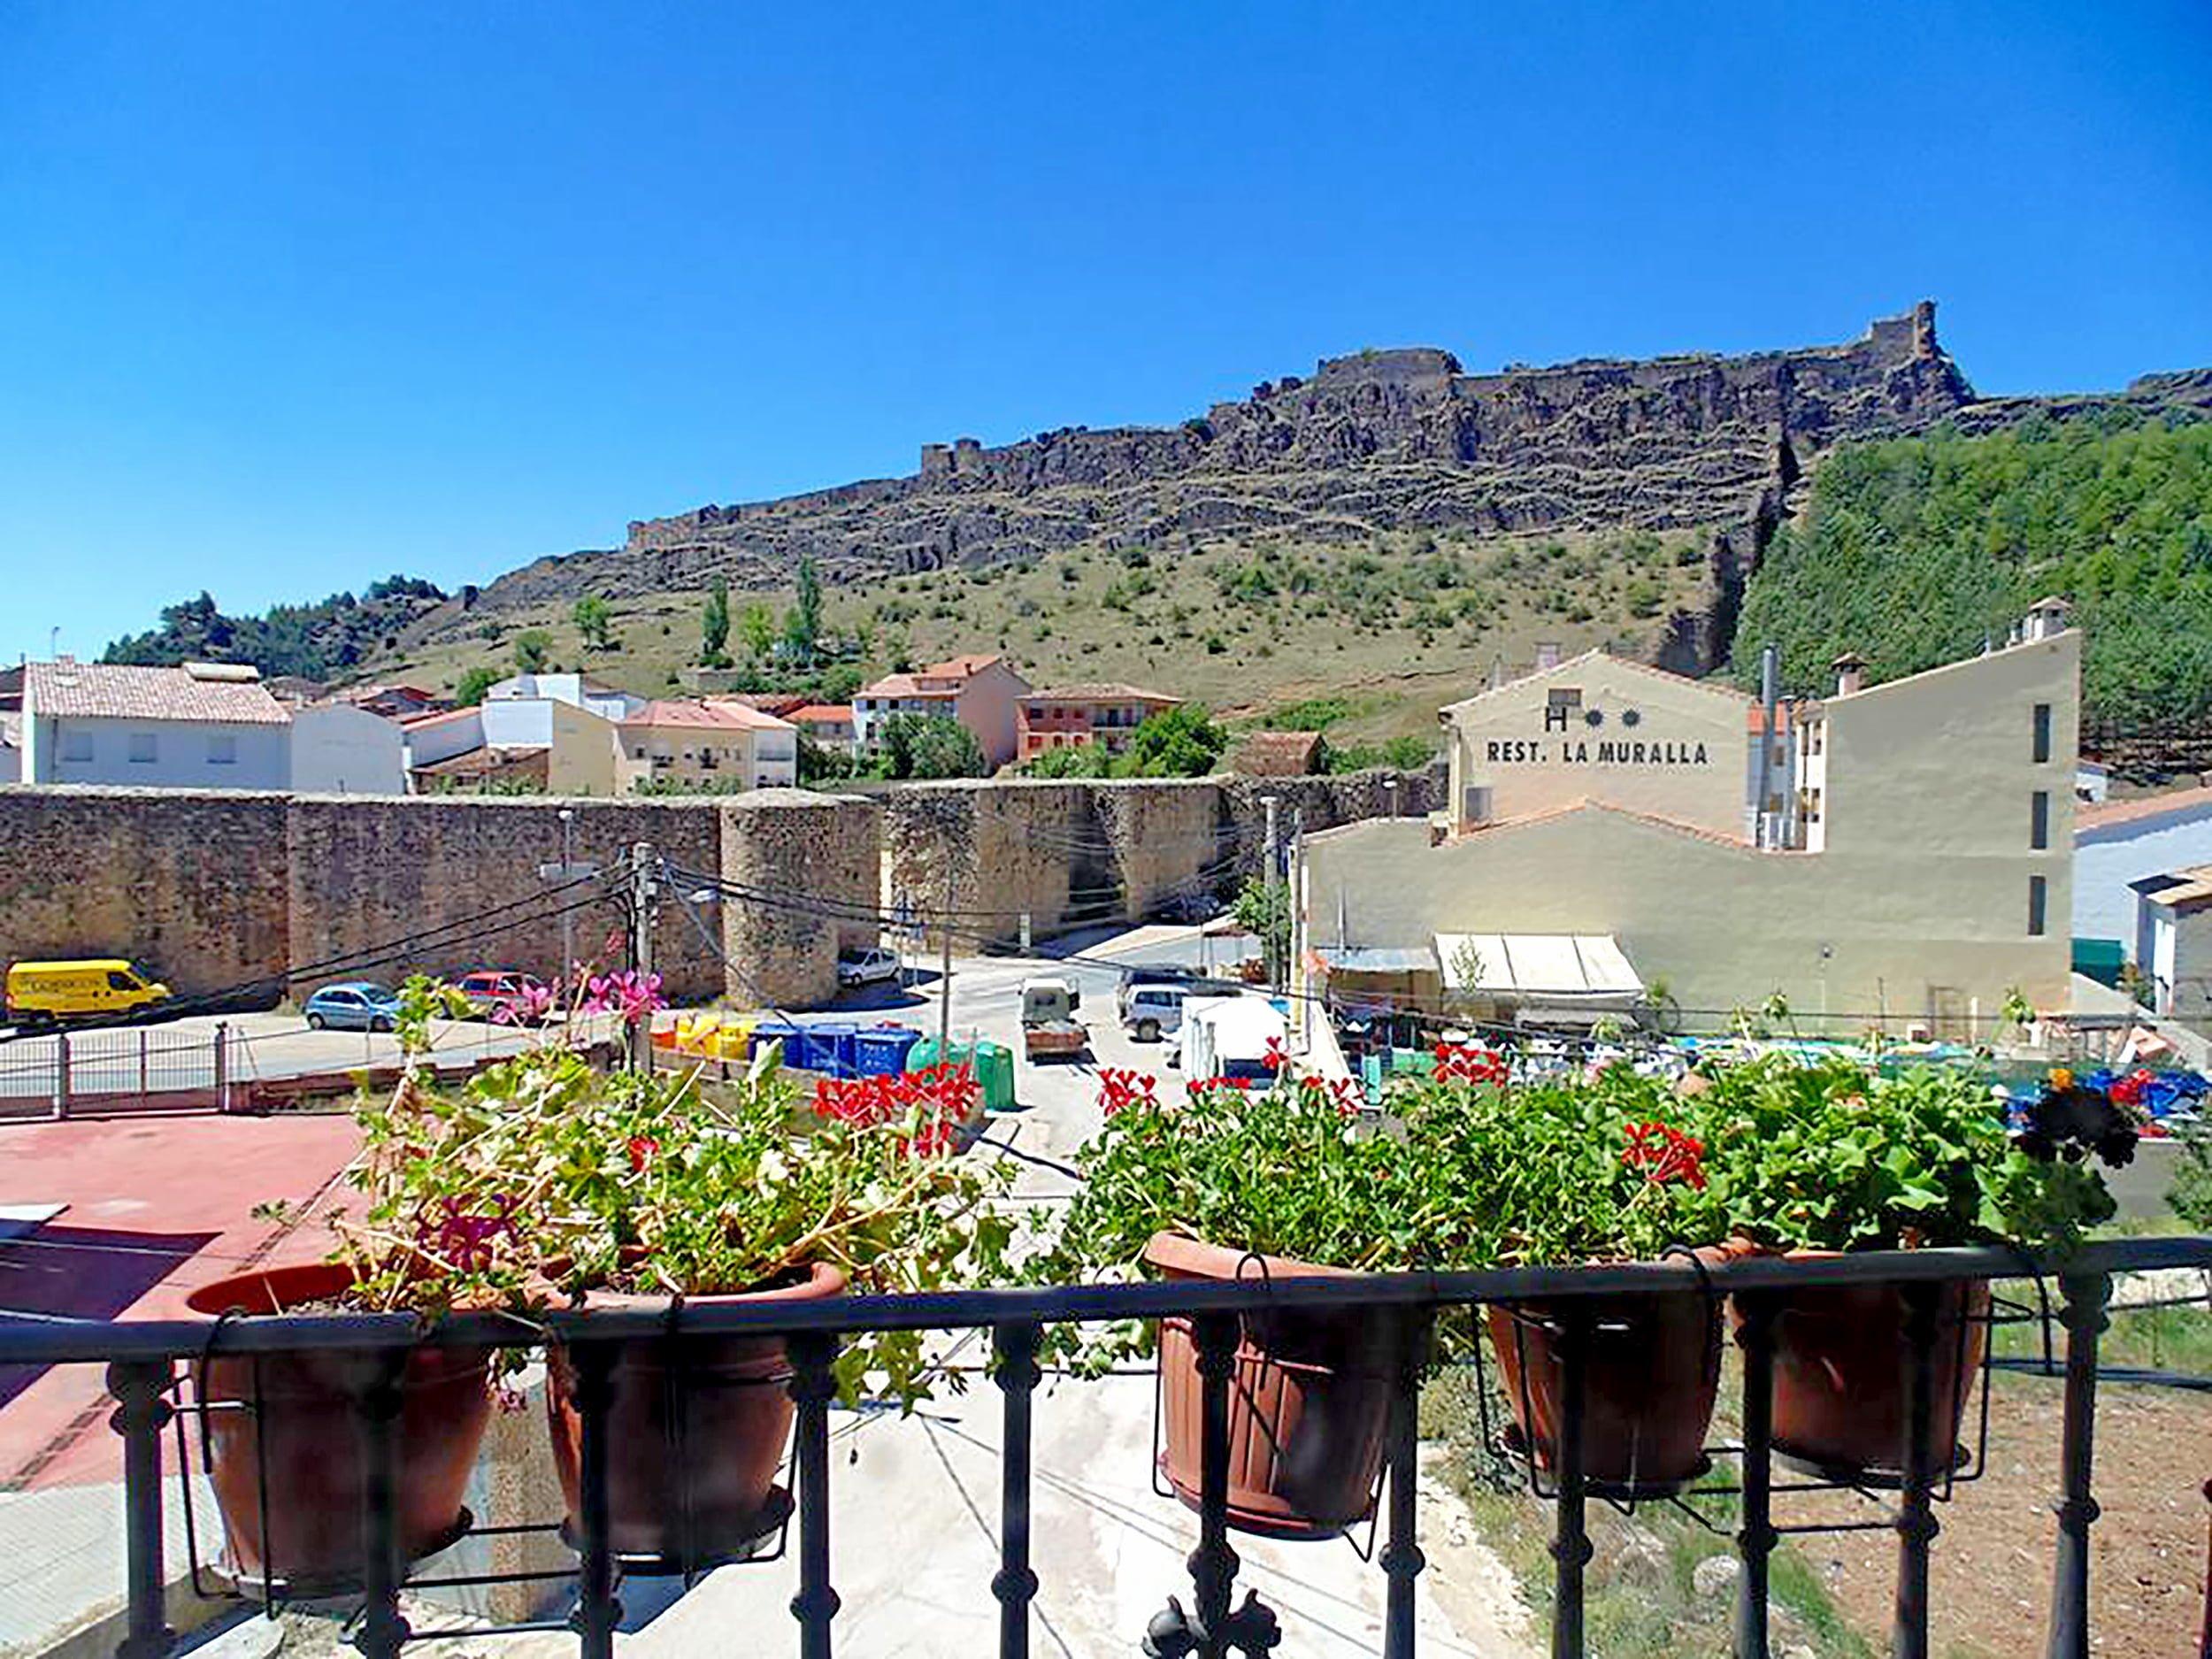 Resta La Muralla de Cañete - Cuenca